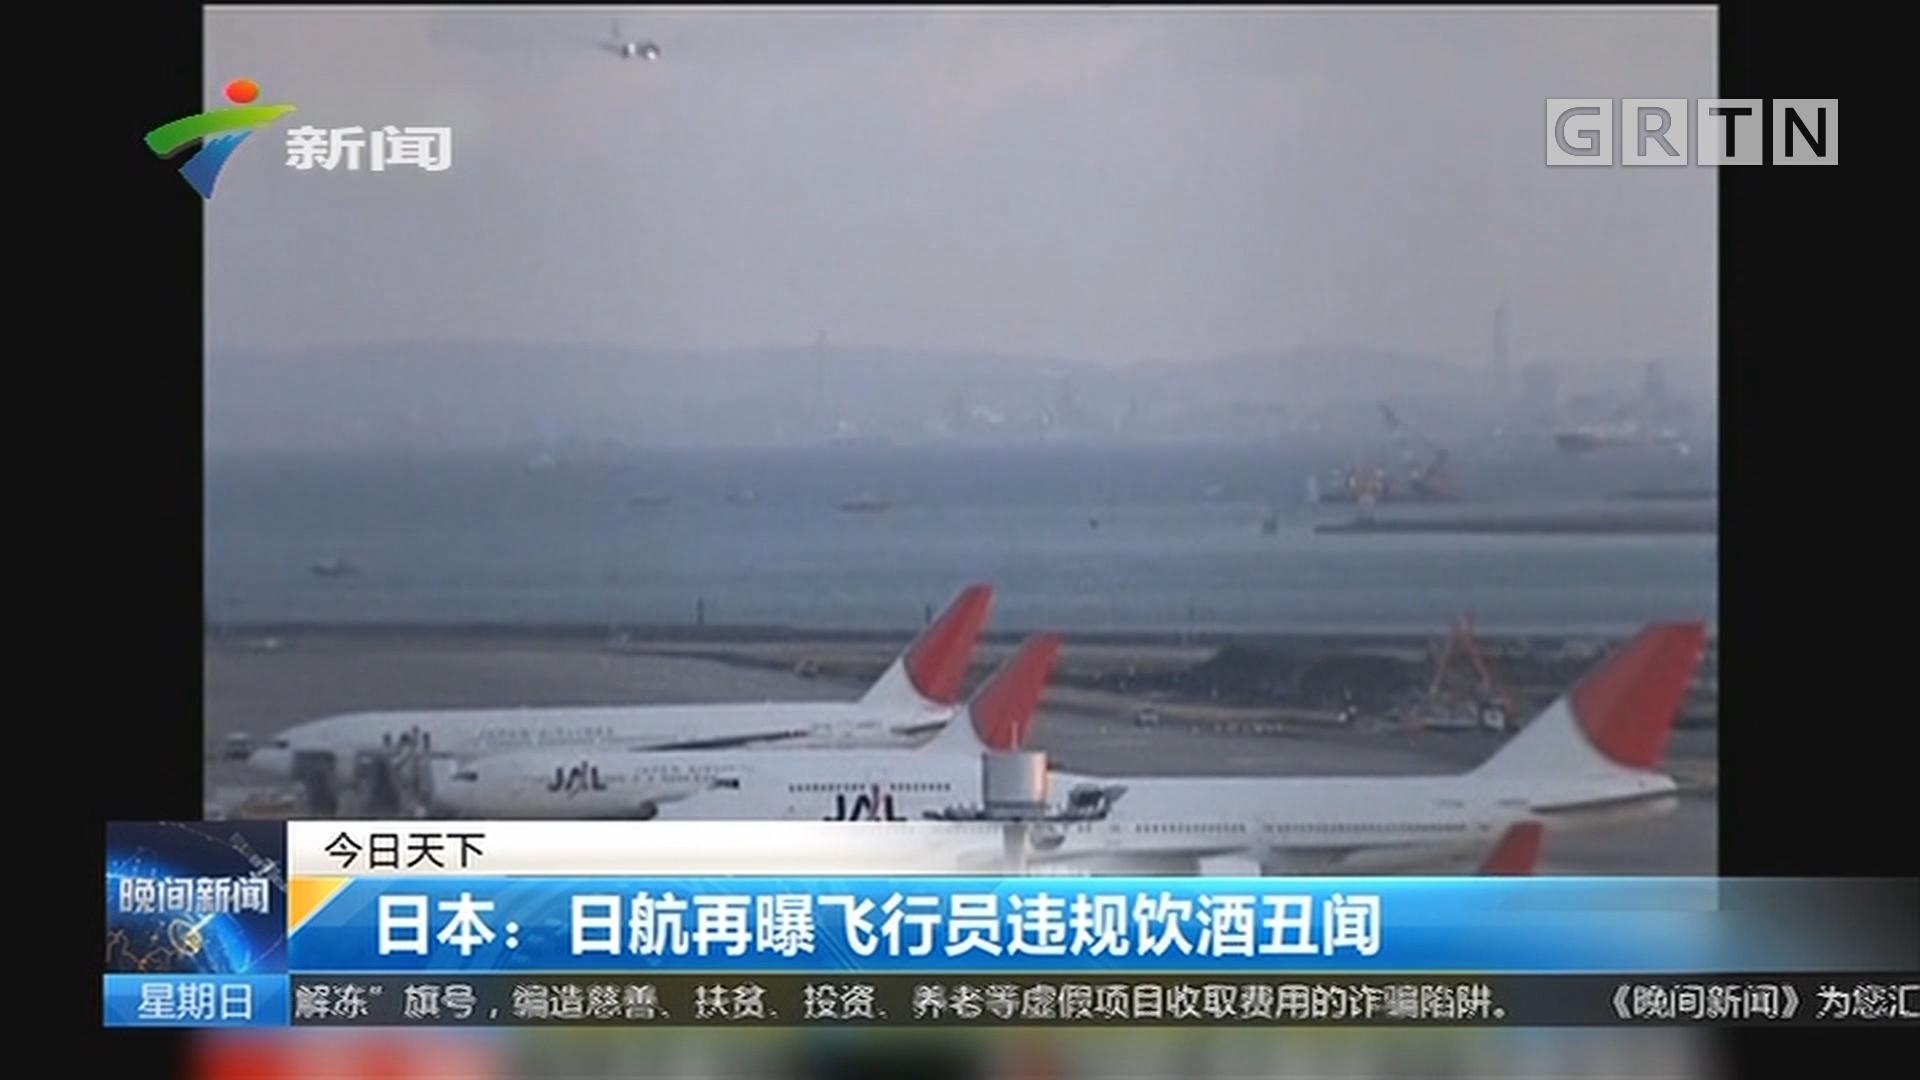 日本:日航再曝飞行员违规饮酒丑闻